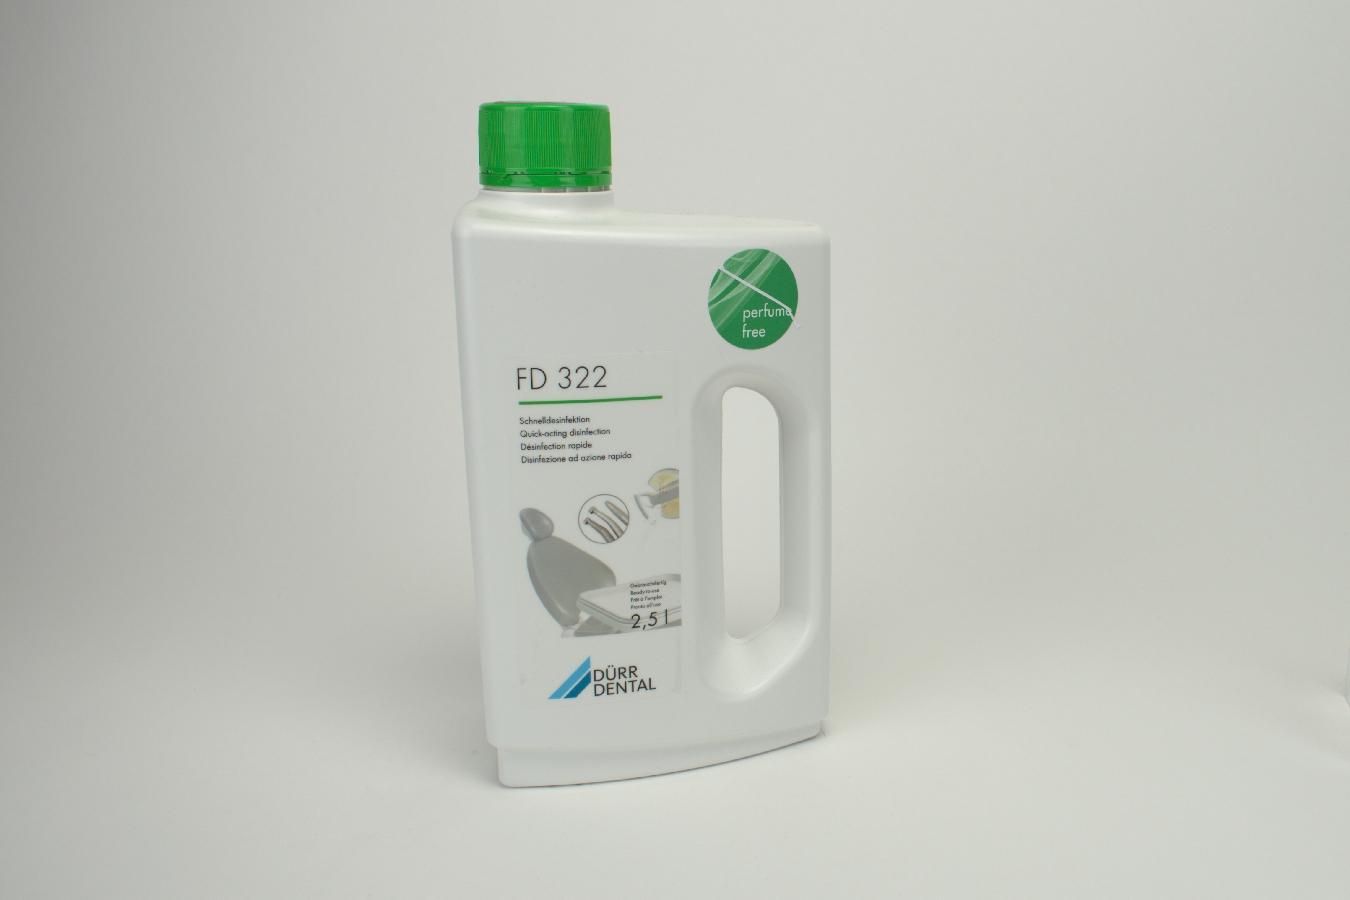 FD 322 Schnelldesinfektionsmittel pafrümfrei 2,5ltr